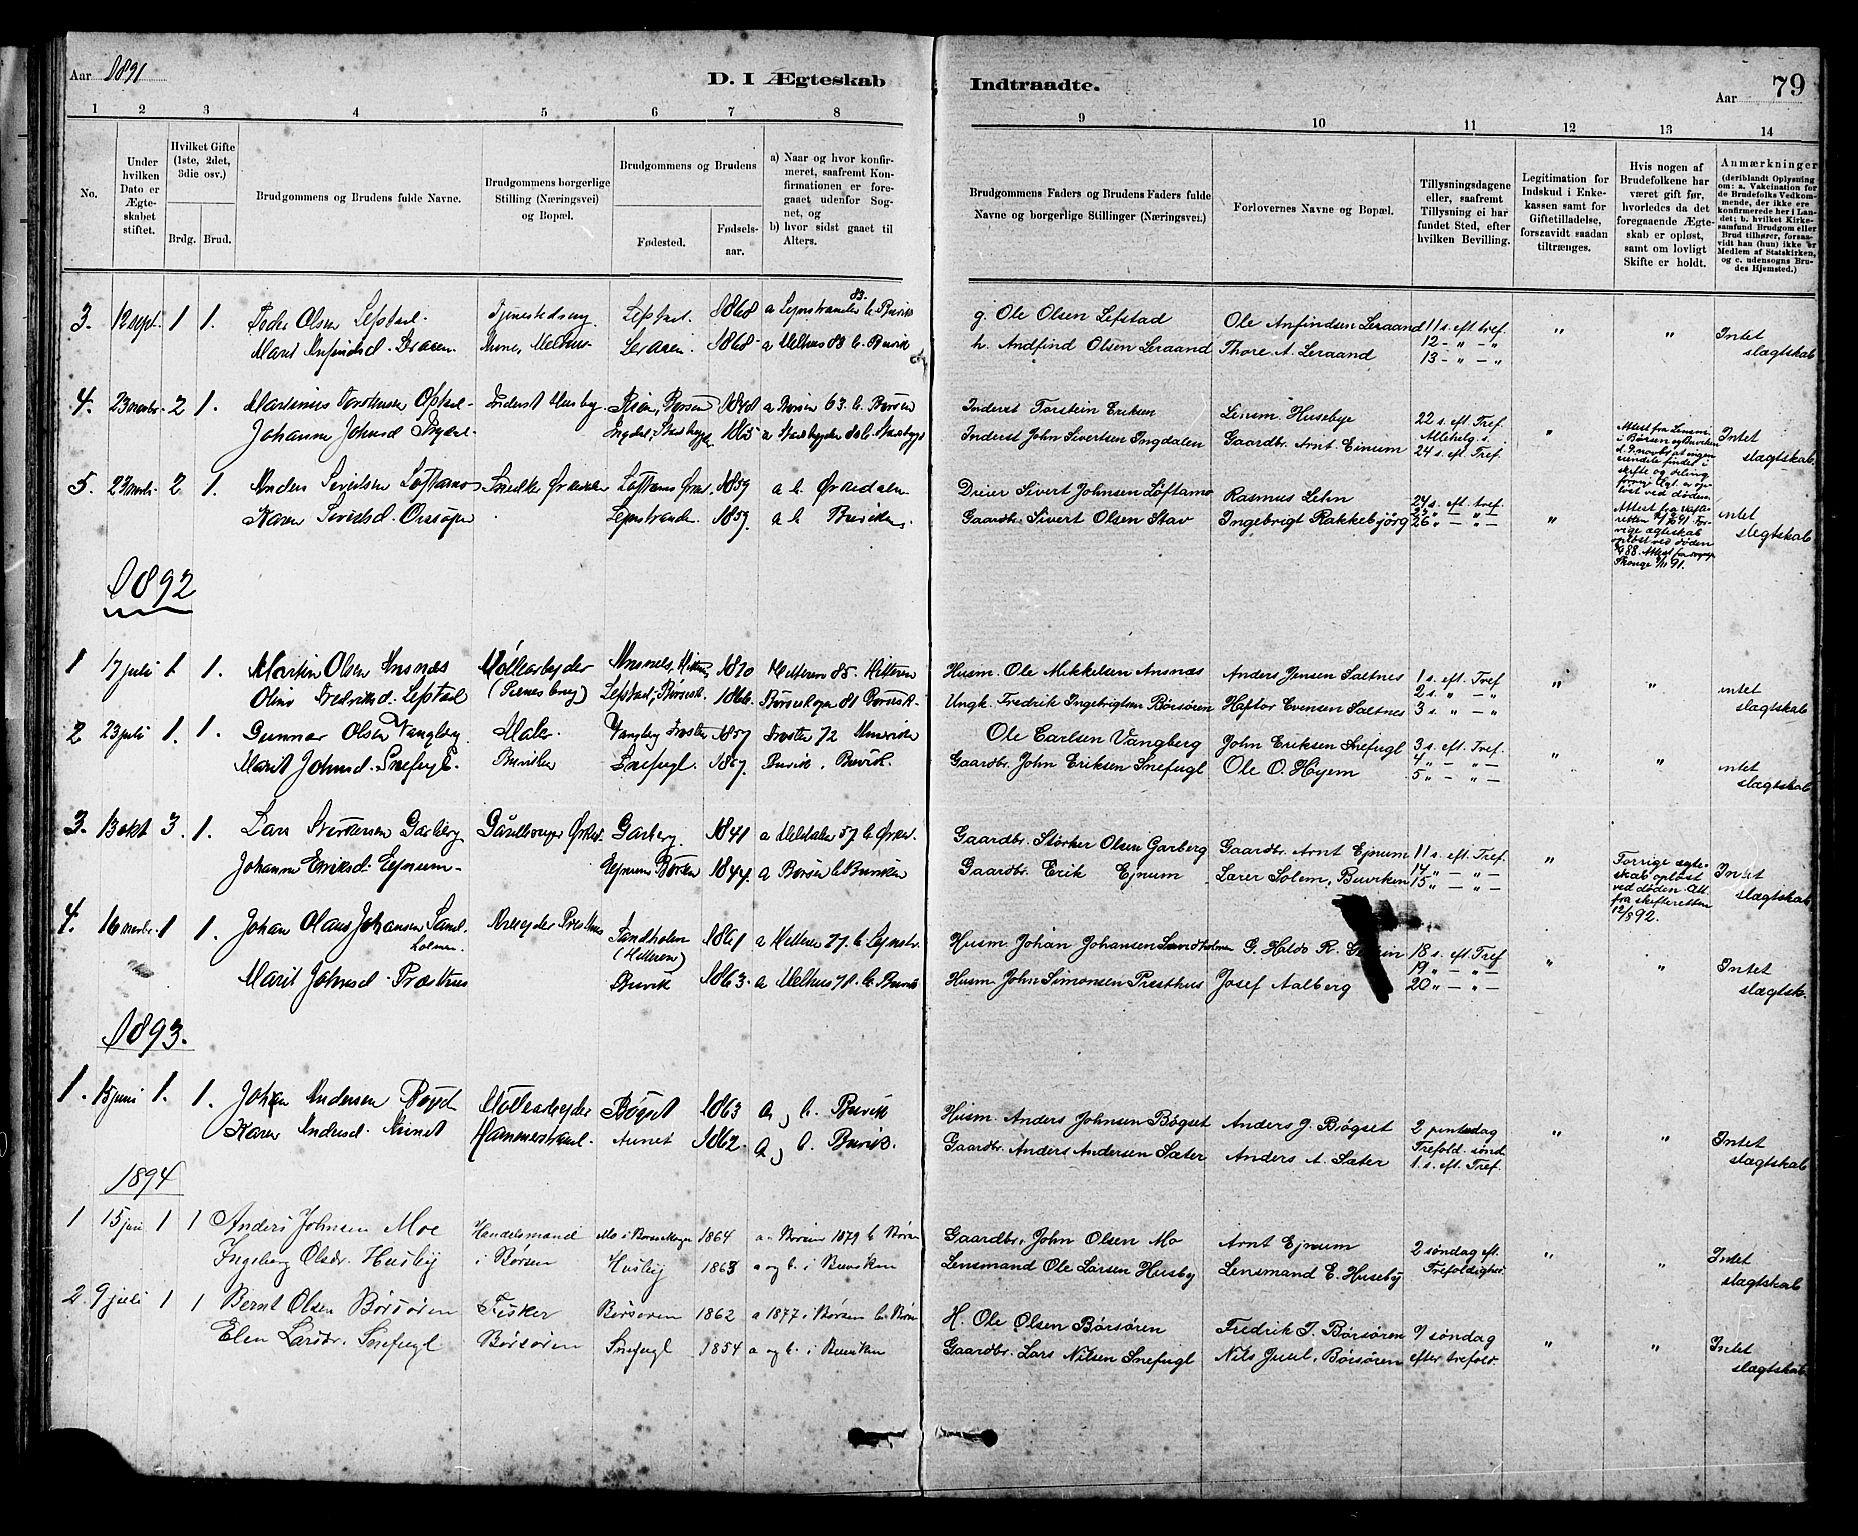 SAT, Ministerialprotokoller, klokkerbøker og fødselsregistre - Sør-Trøndelag, 666/L0790: Klokkerbok nr. 666C03, 1885-1908, s. 79